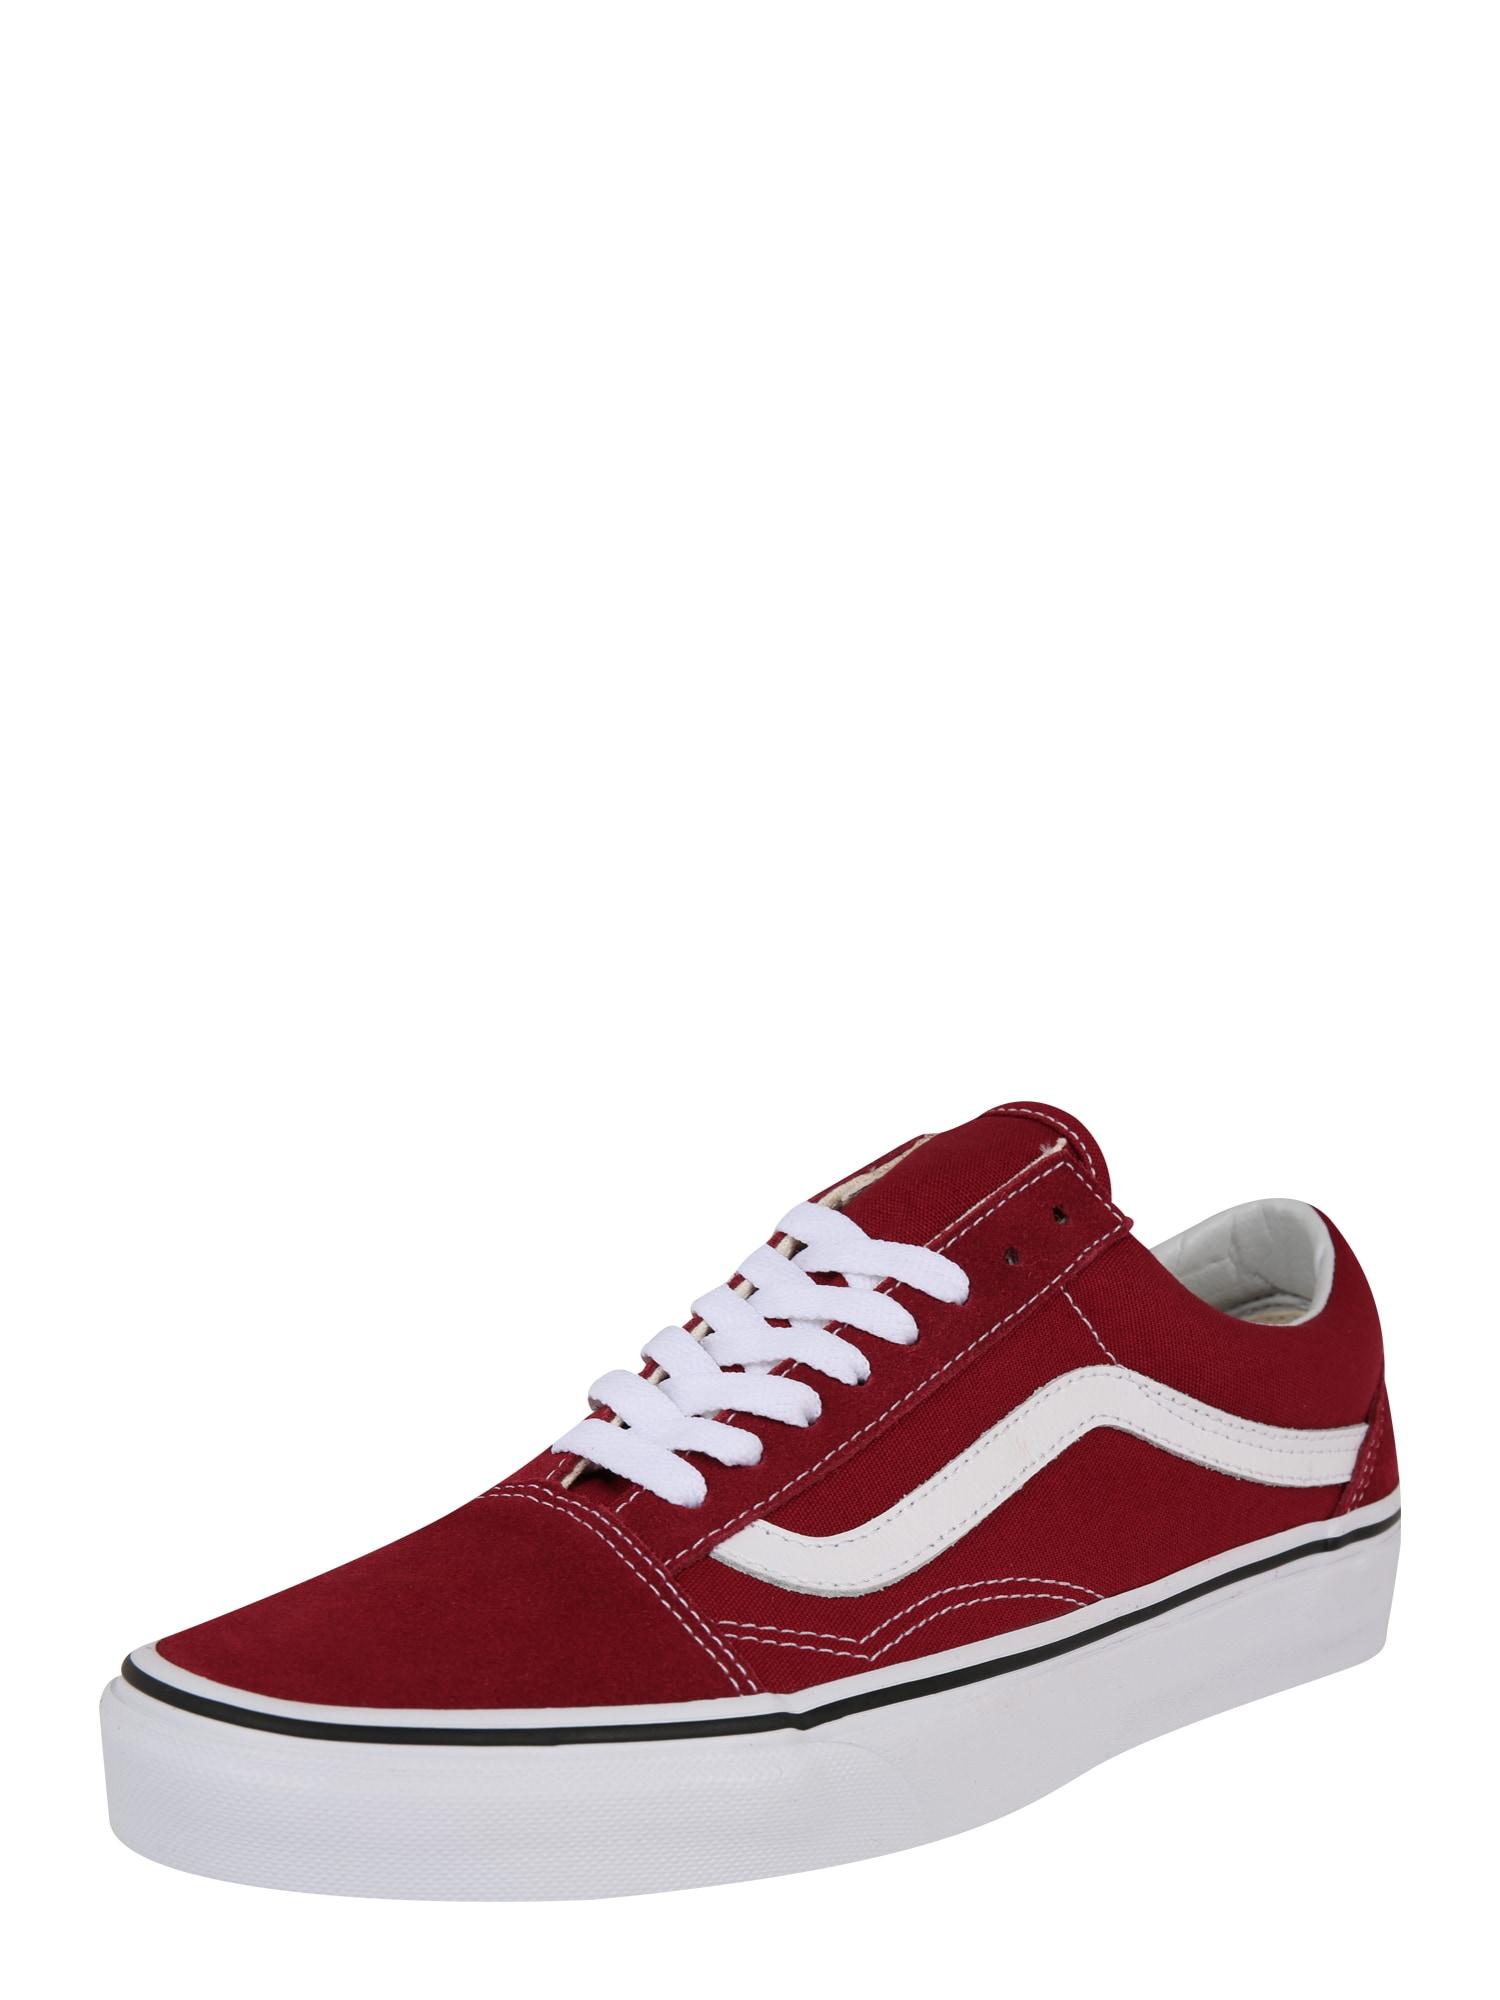 Tenisky ComfyCush Old Skool červená bílá VANS